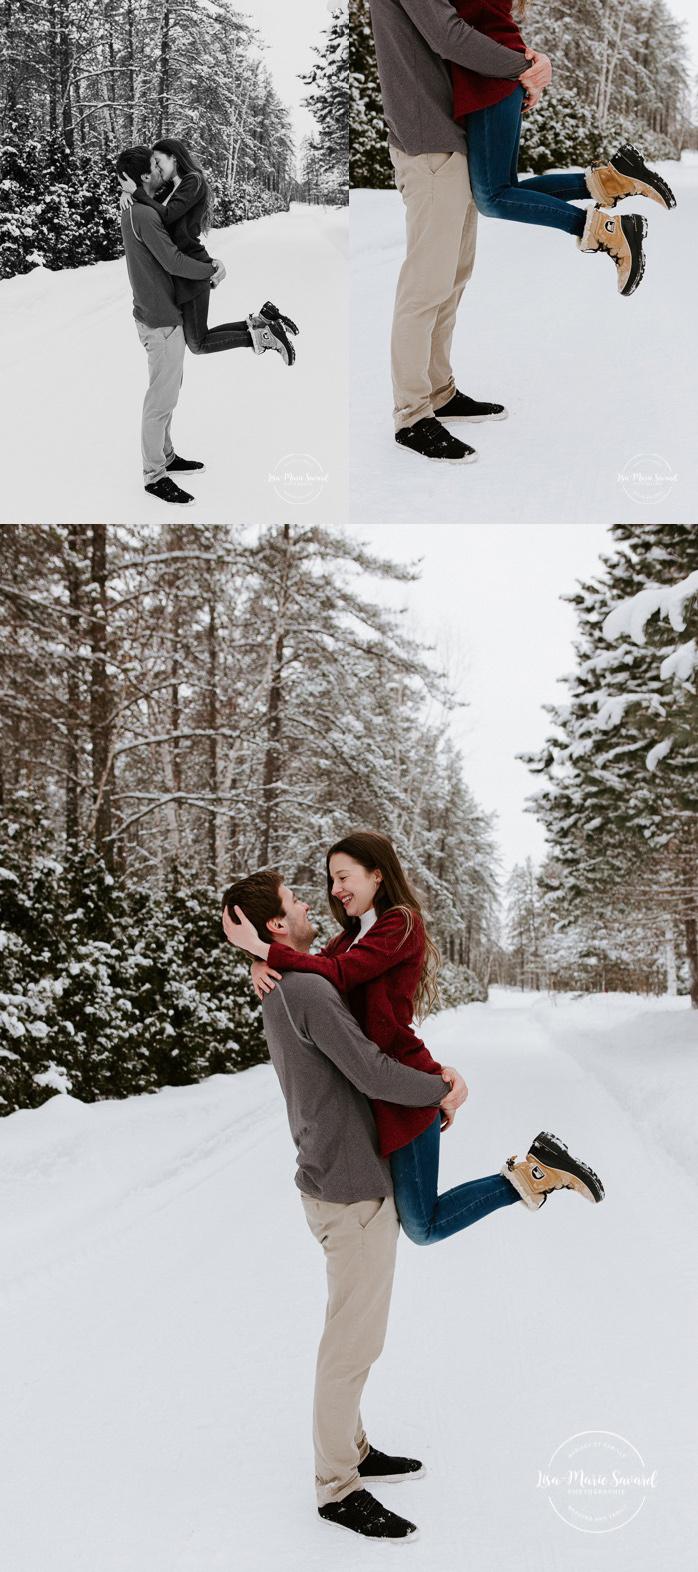 Winter engagement session. Winter forest engagement photos. Séance fiançailles en hiver. Photographe de fiançailles à Montréal. Montreal engagement photographer. Photographe au Saguenay